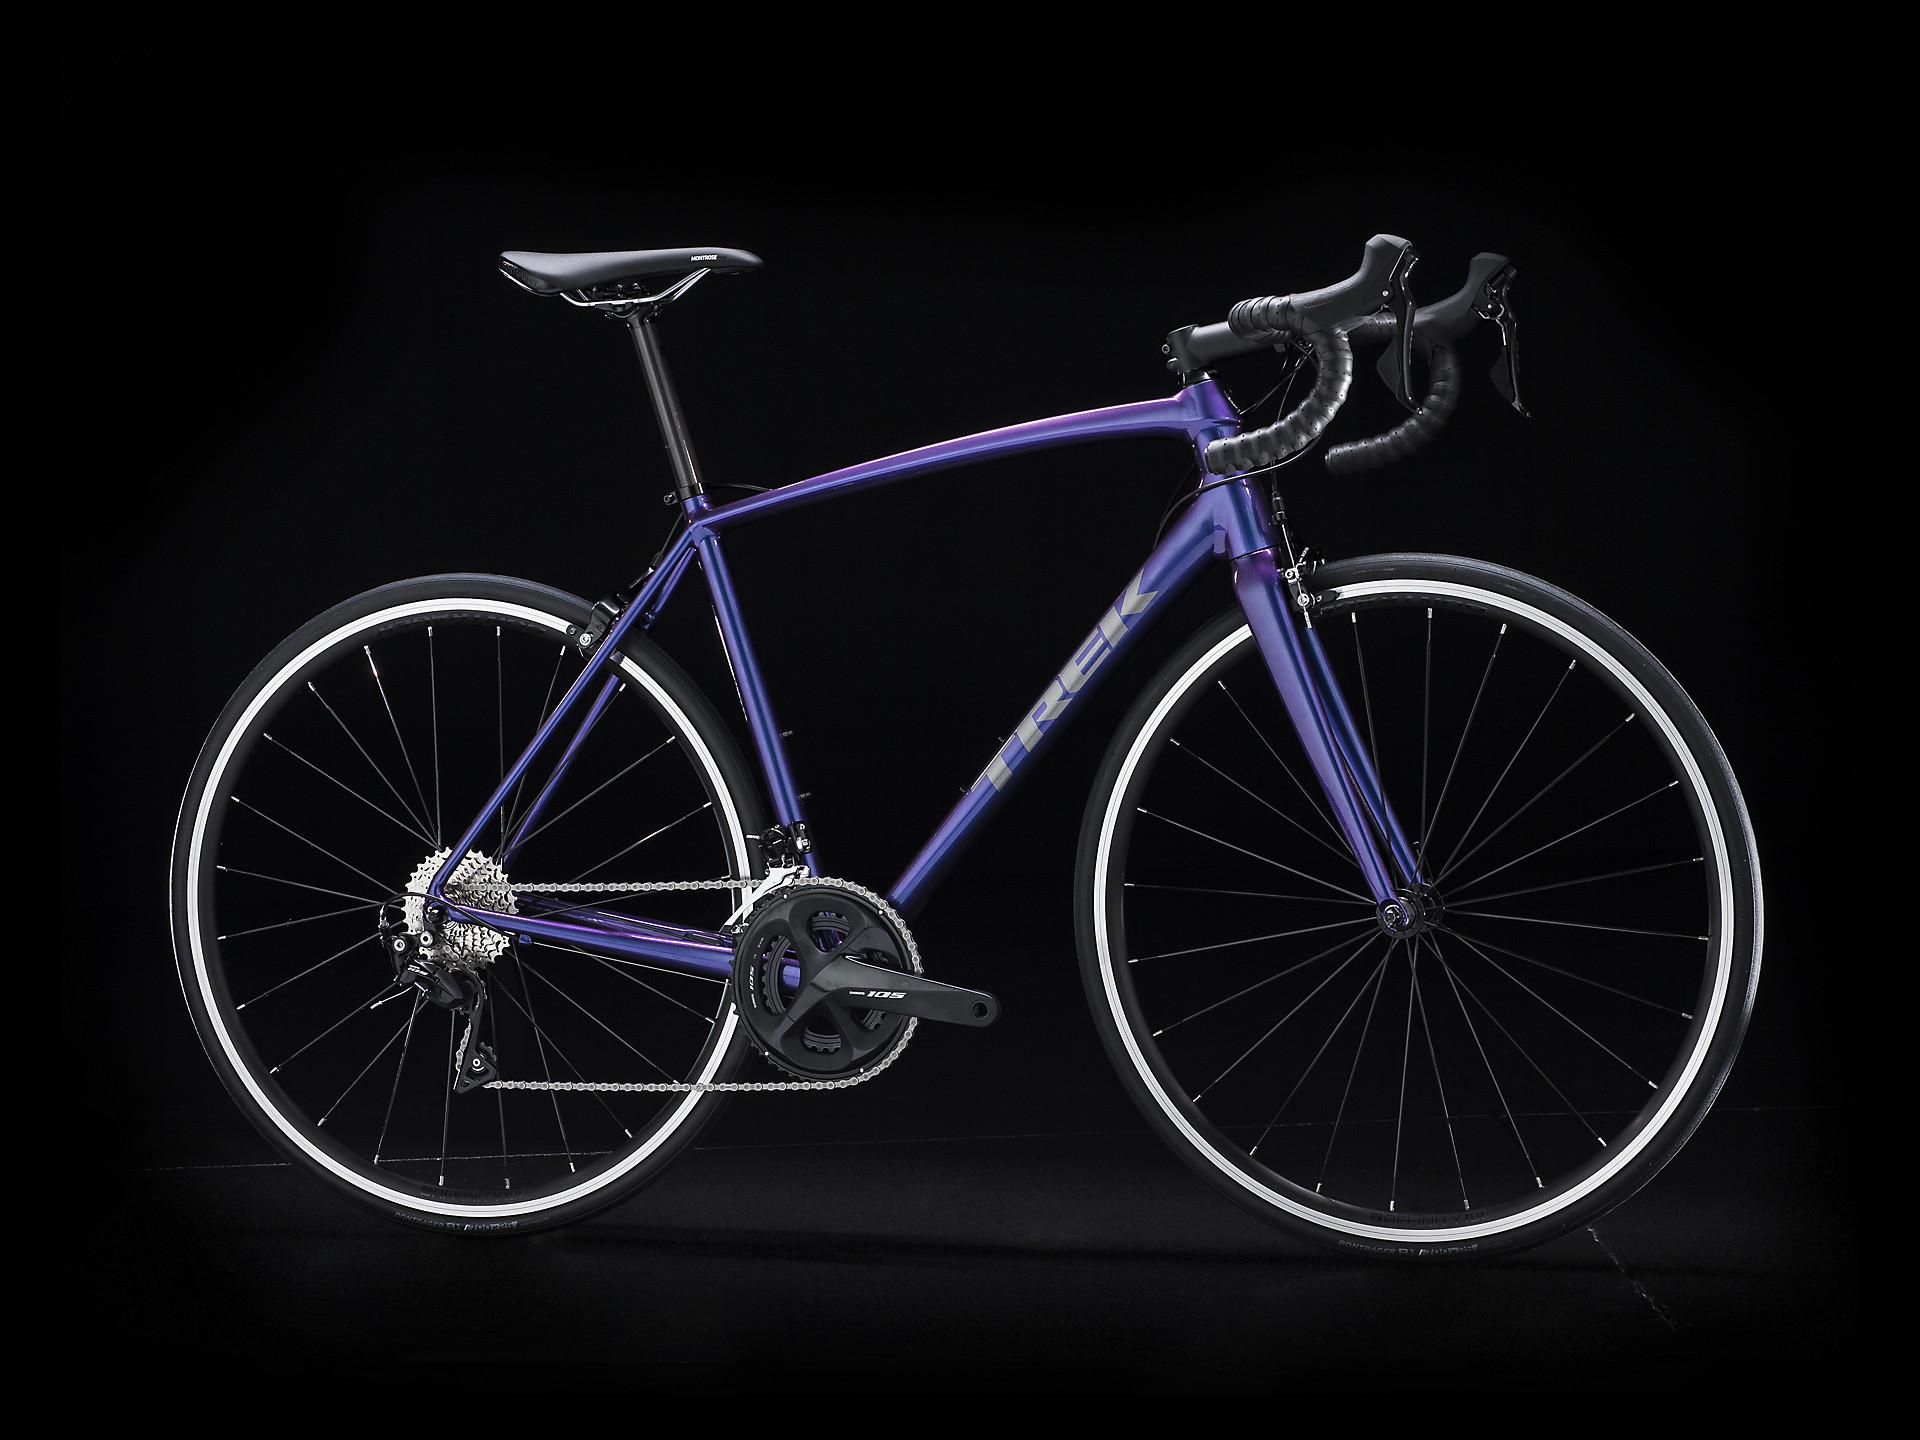 24a9d44953c Émonda ALR 5 | Trek Bikes (NZ)